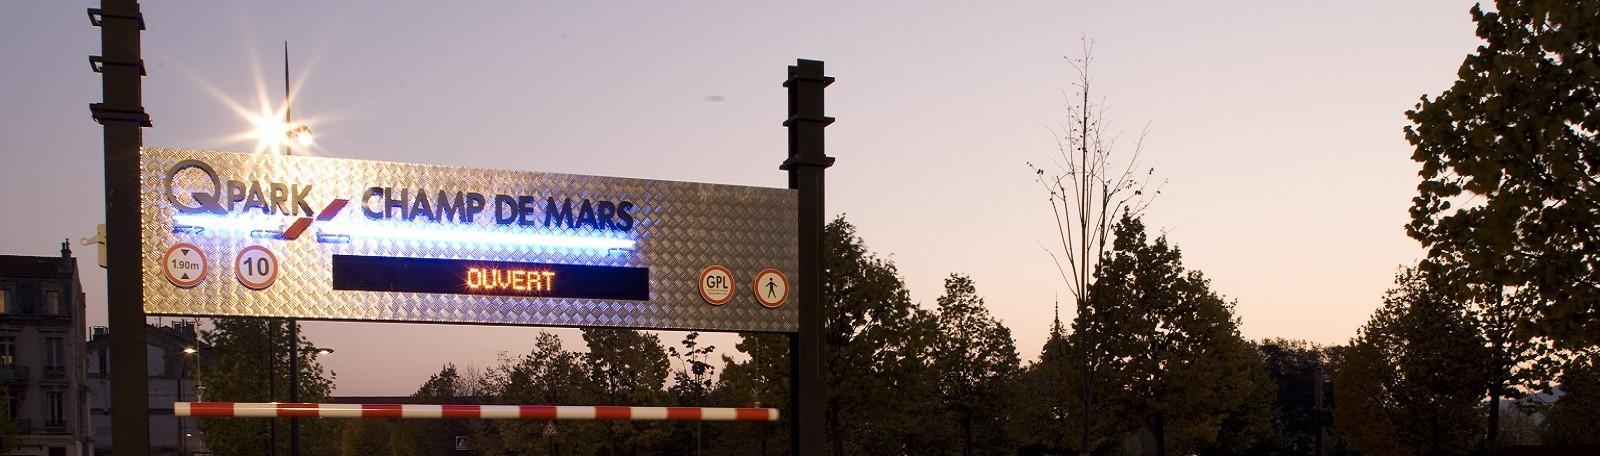 Le 2ème opérateur de stationnement en Europe | Q-Park